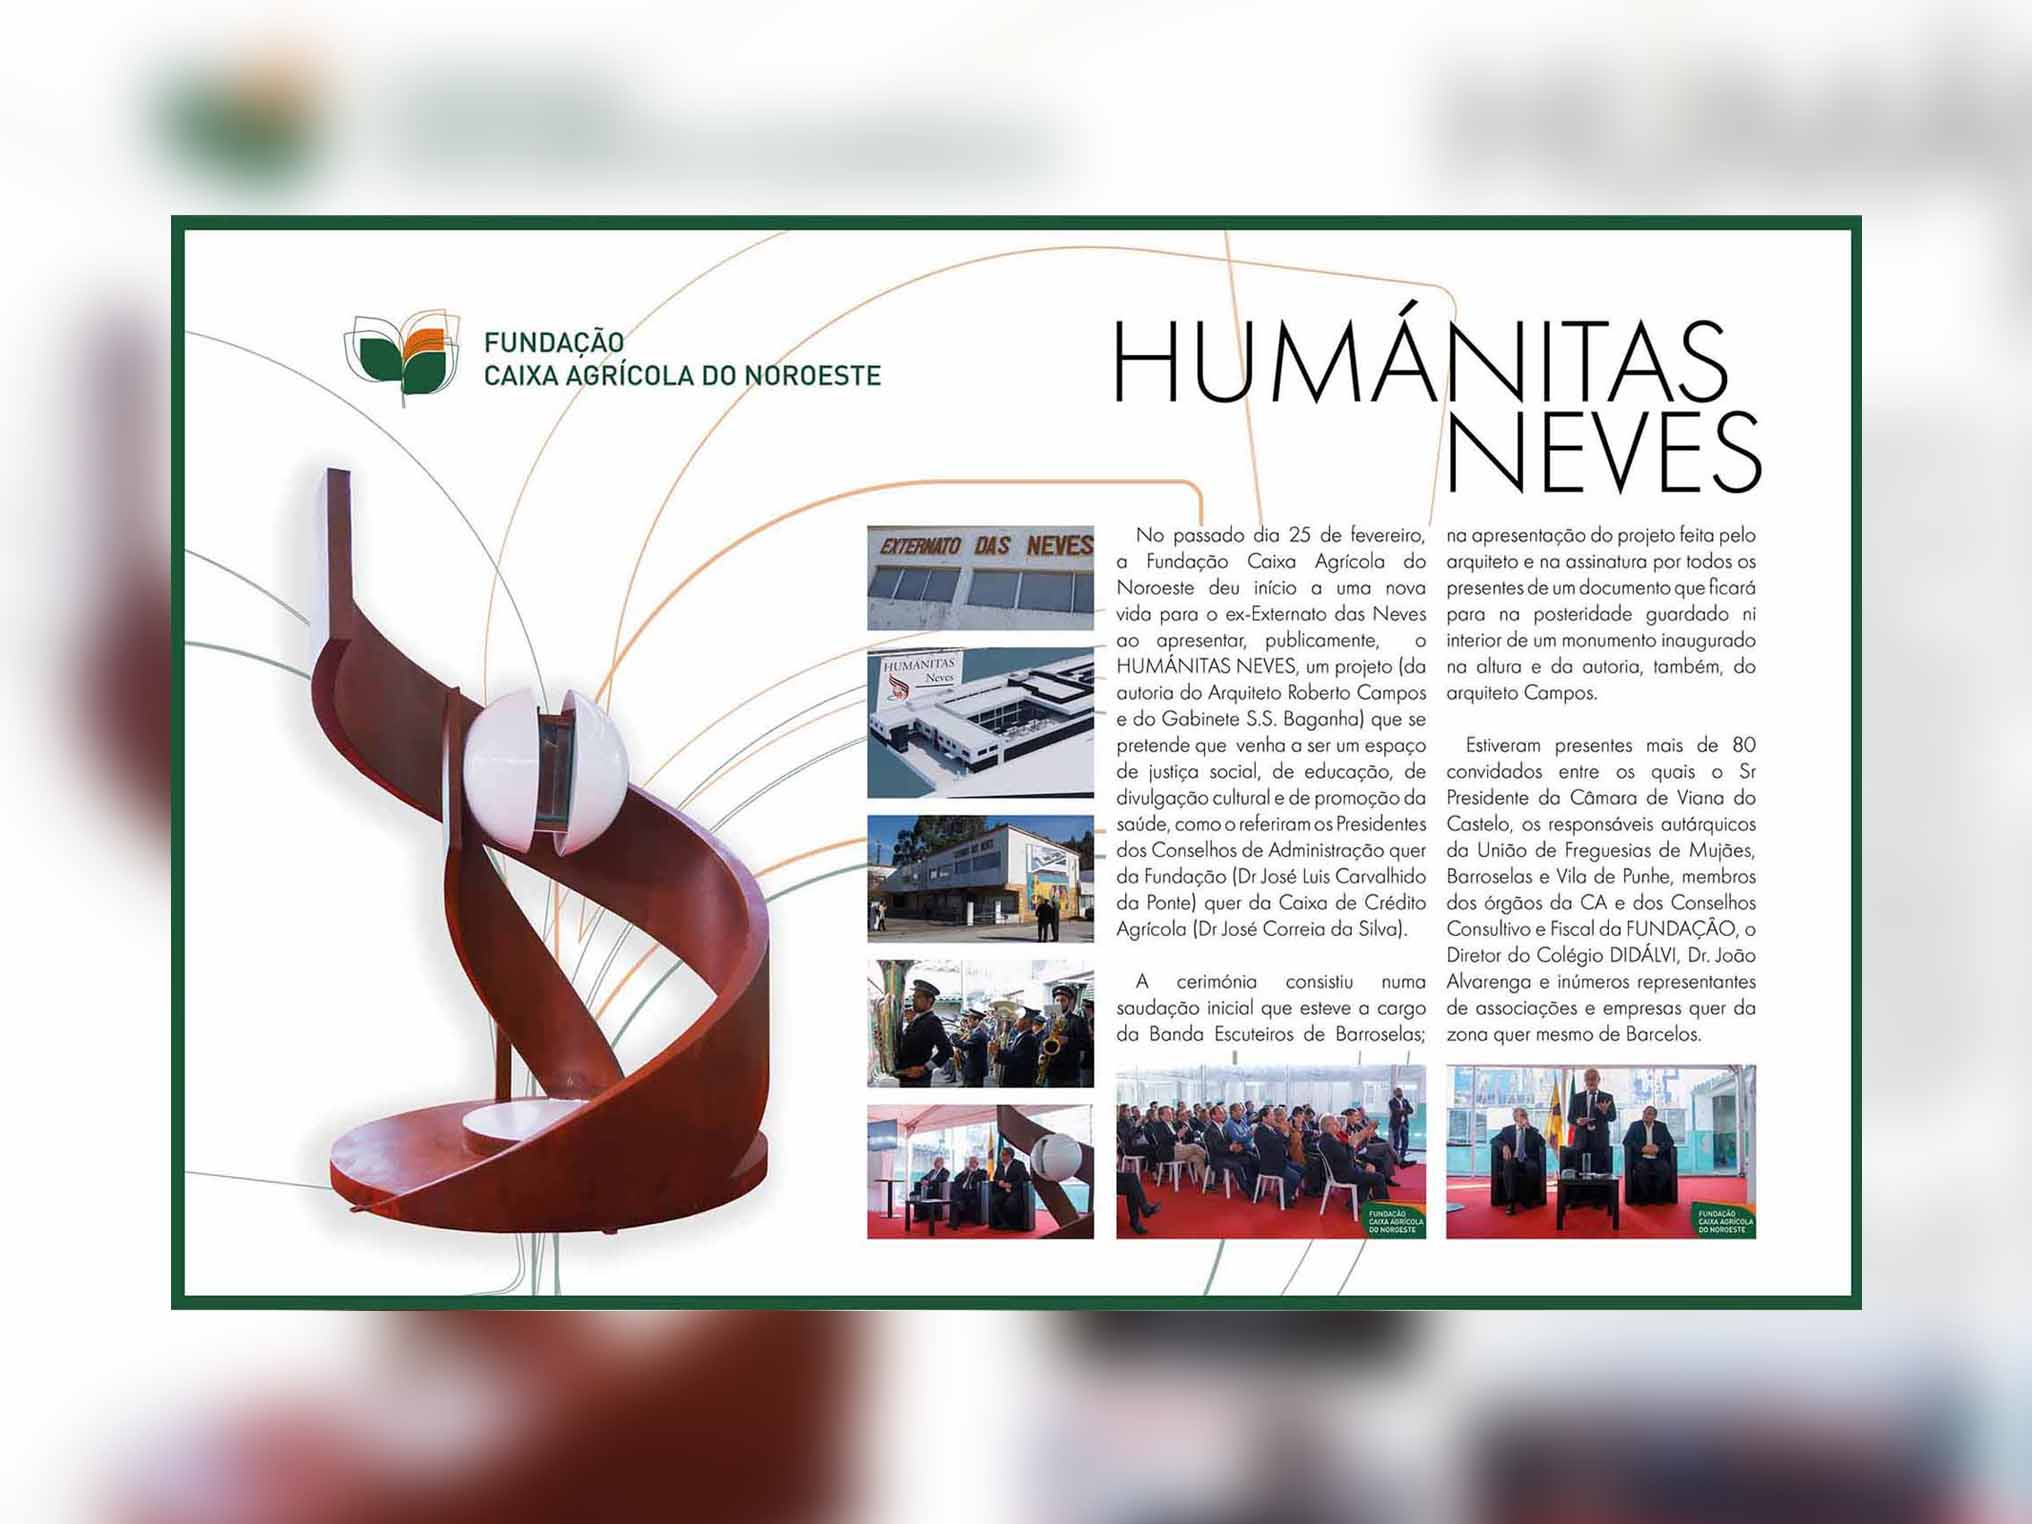 HUMÁNITAS NEVES